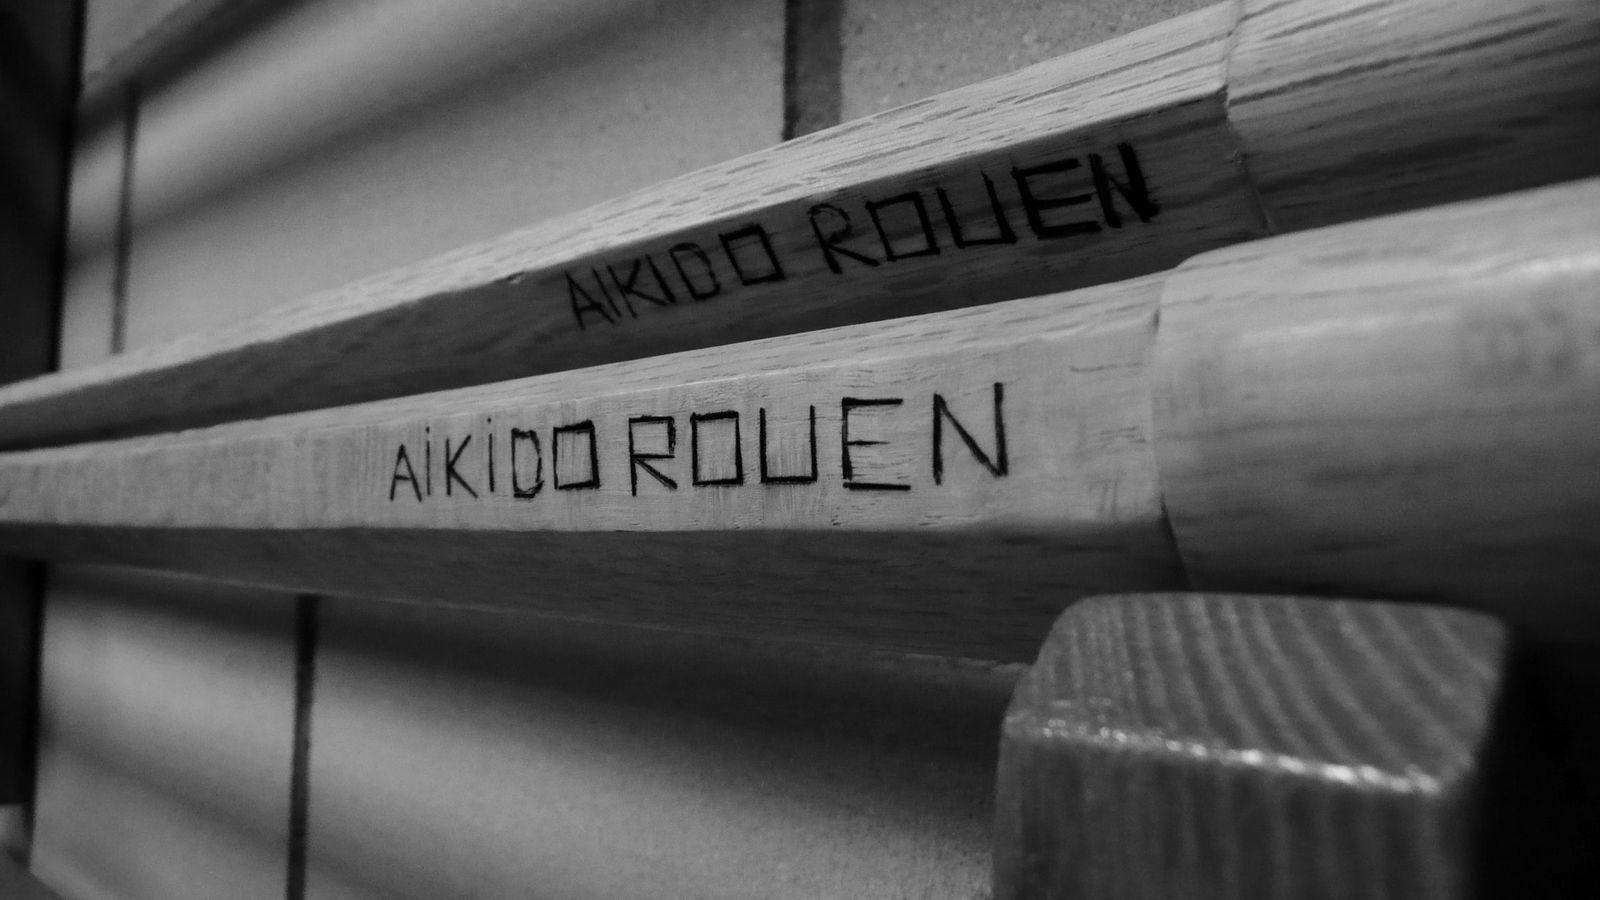 info vacances de p ques le blog de l 39 a kido club de rouen. Black Bedroom Furniture Sets. Home Design Ideas